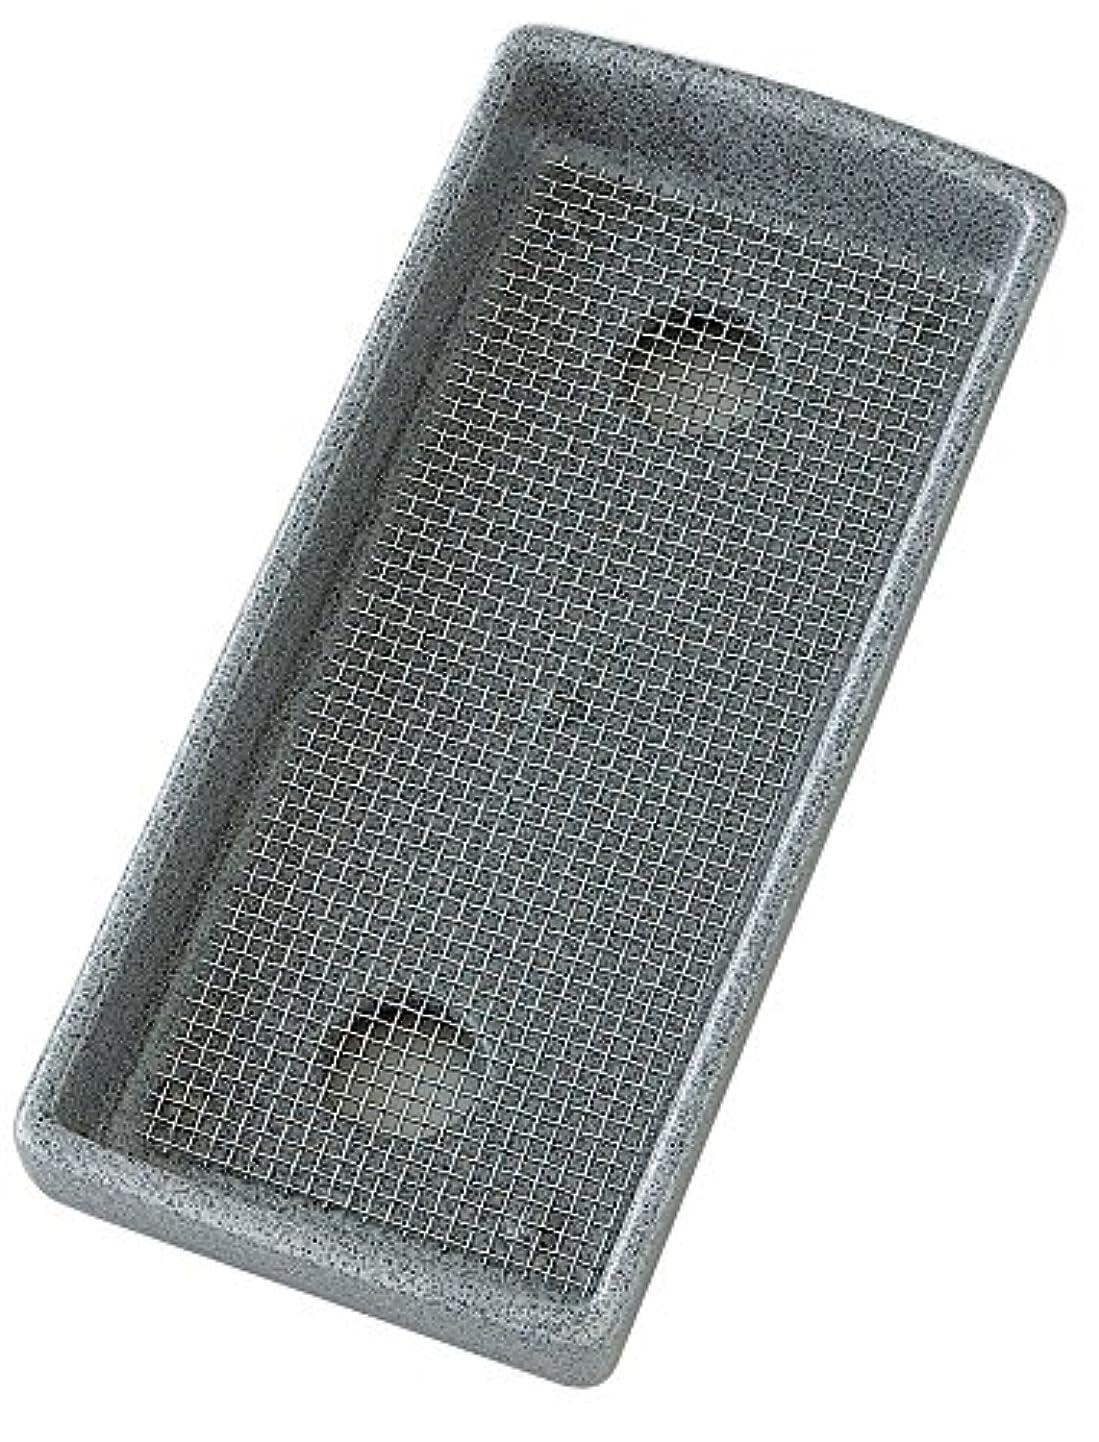 コンプライアンス未亡人首相マルエス 線香皿 磁器製 寝かせ香皿